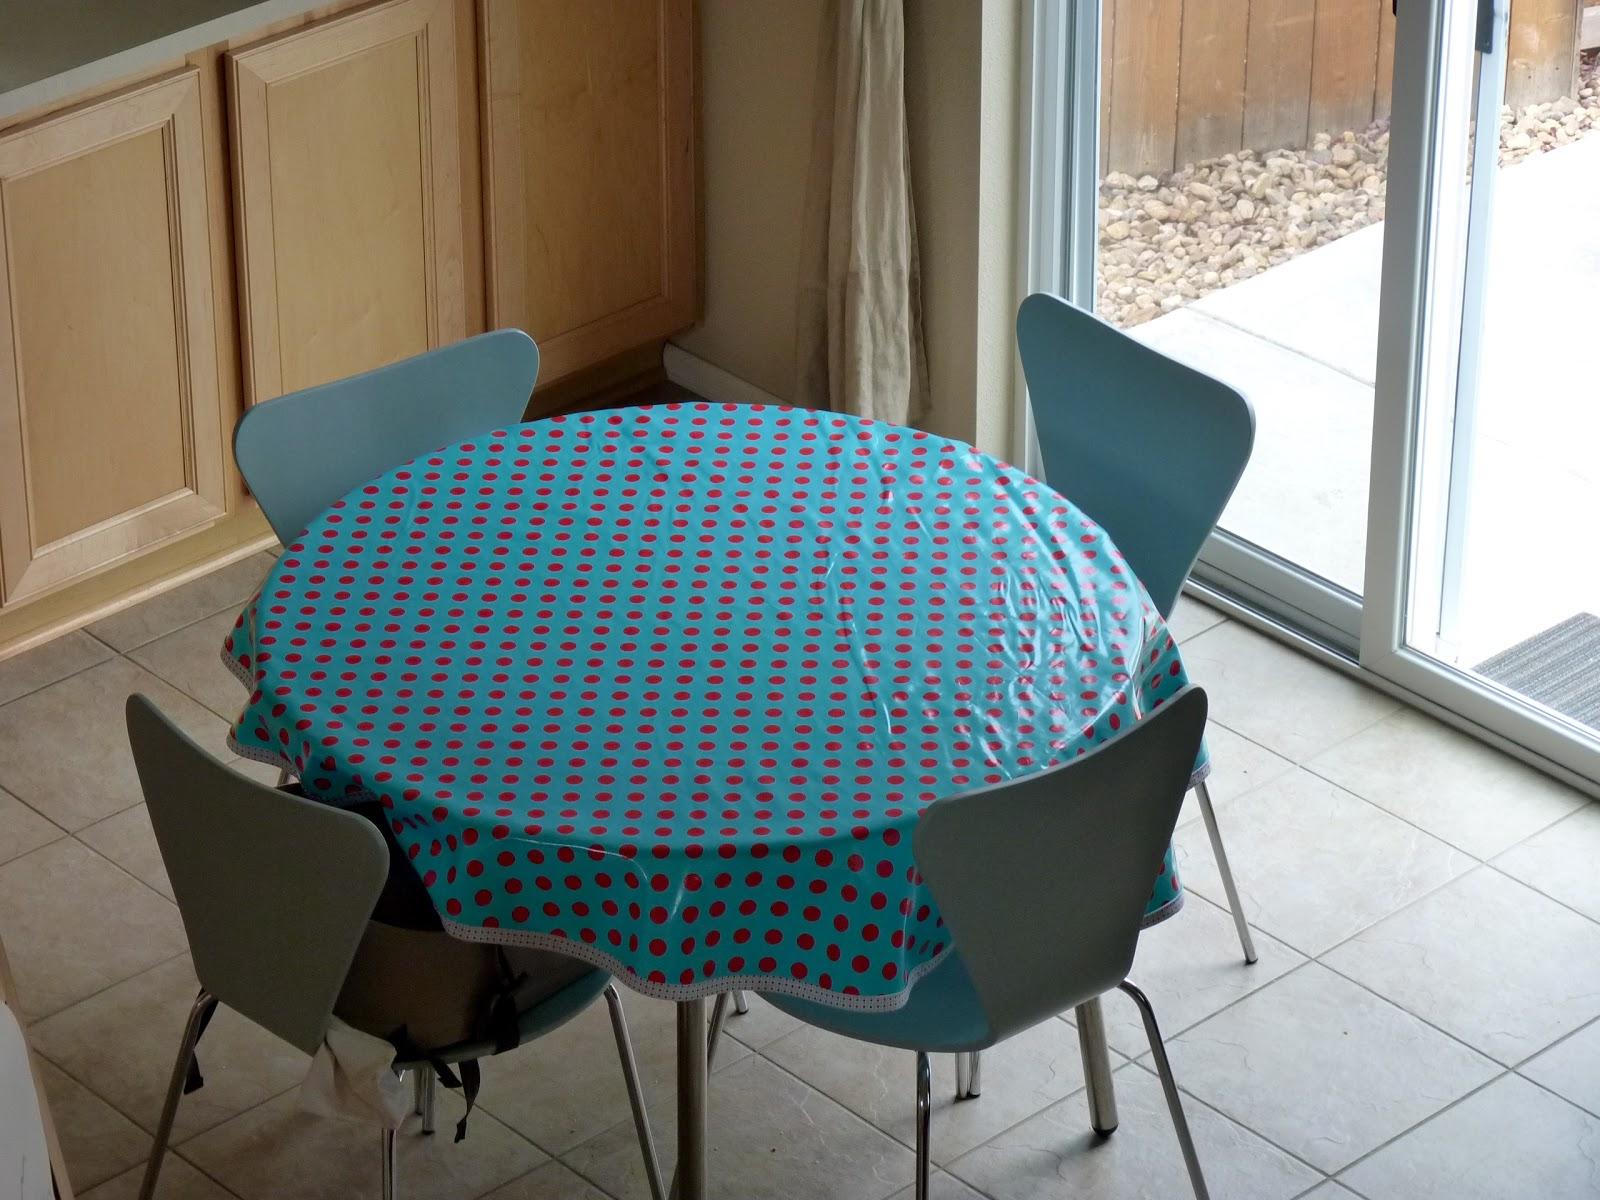 passion4creations home decor comment faire une nappe pour table ronde. Black Bedroom Furniture Sets. Home Design Ideas